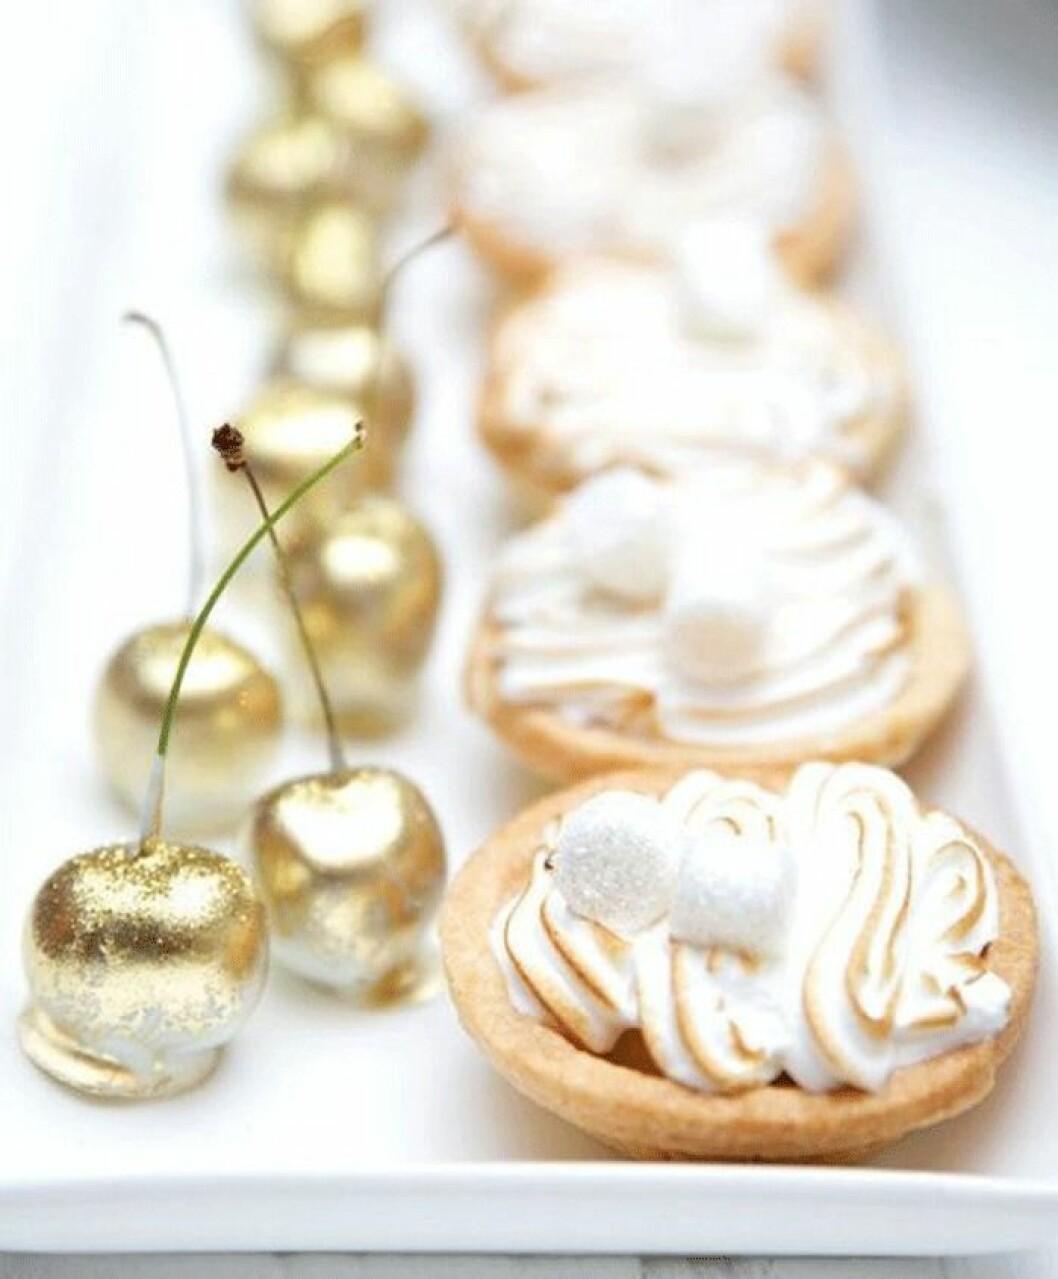 Lyxiga körsbär i guld.